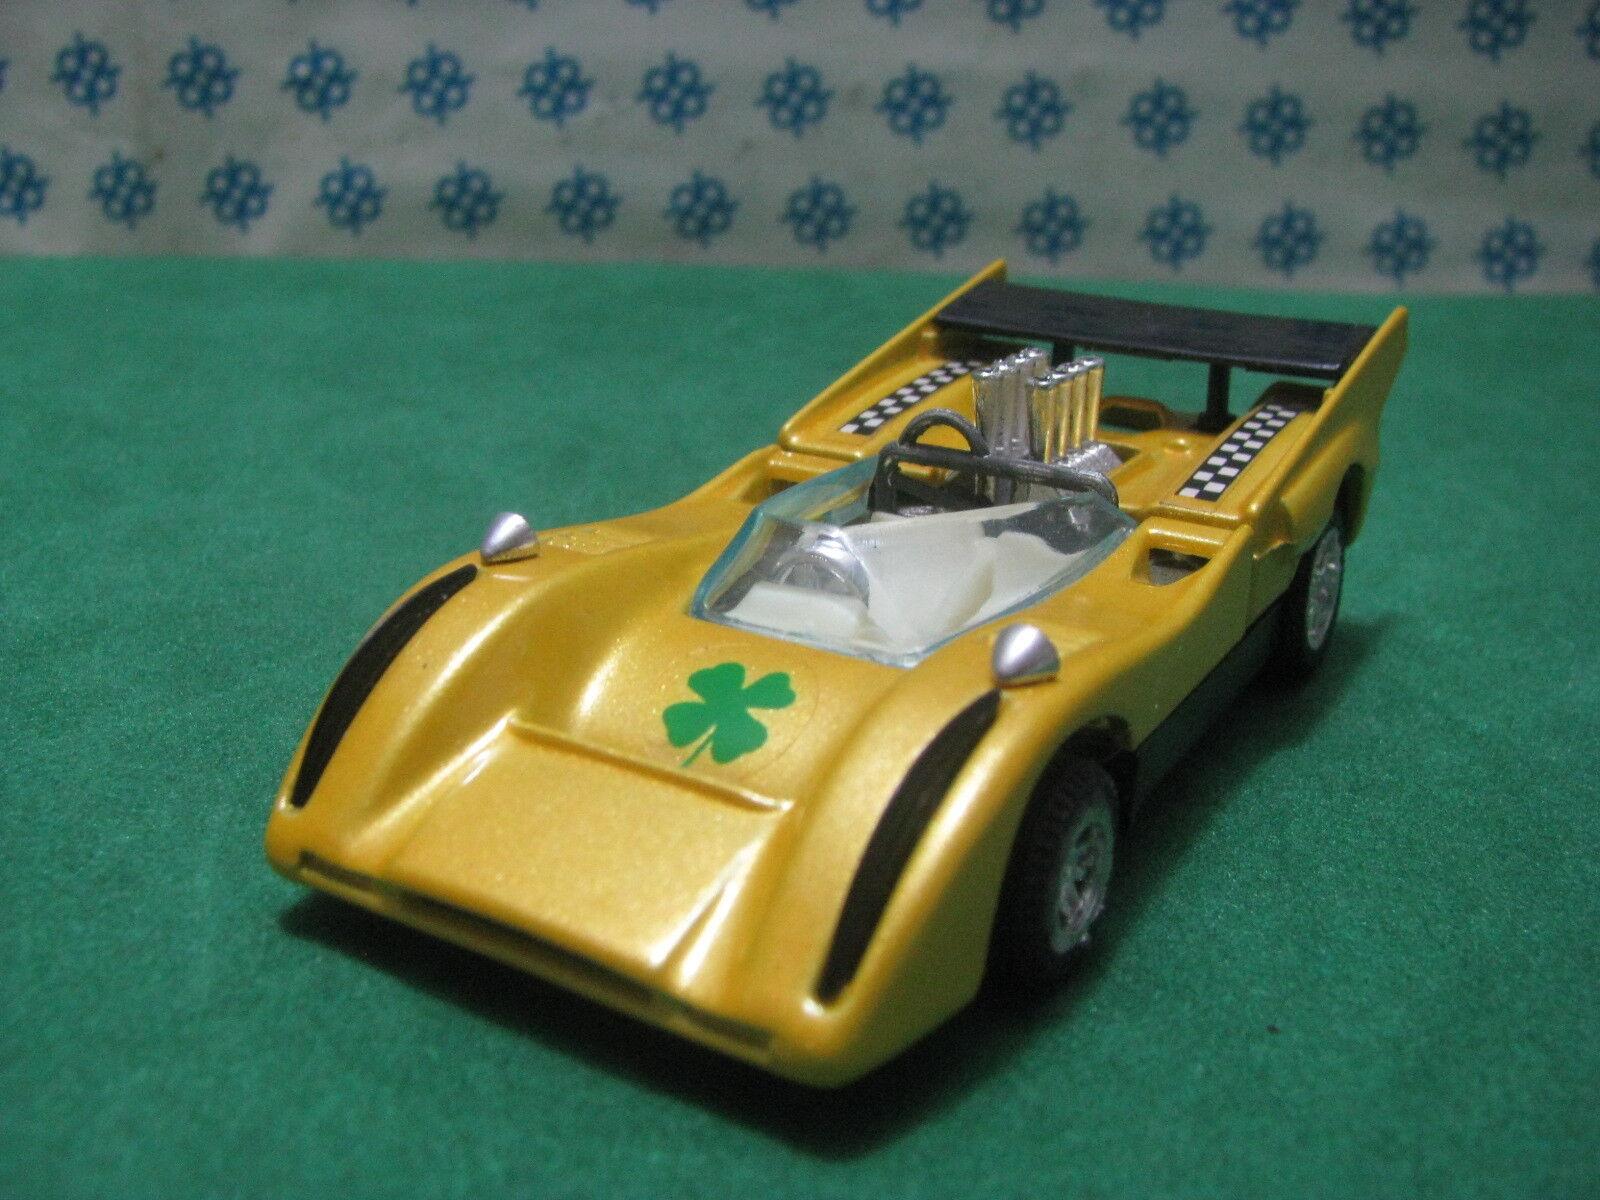 Vintage  -   McLaren  M80  Gran tgolds       -  1 43  Joal  122